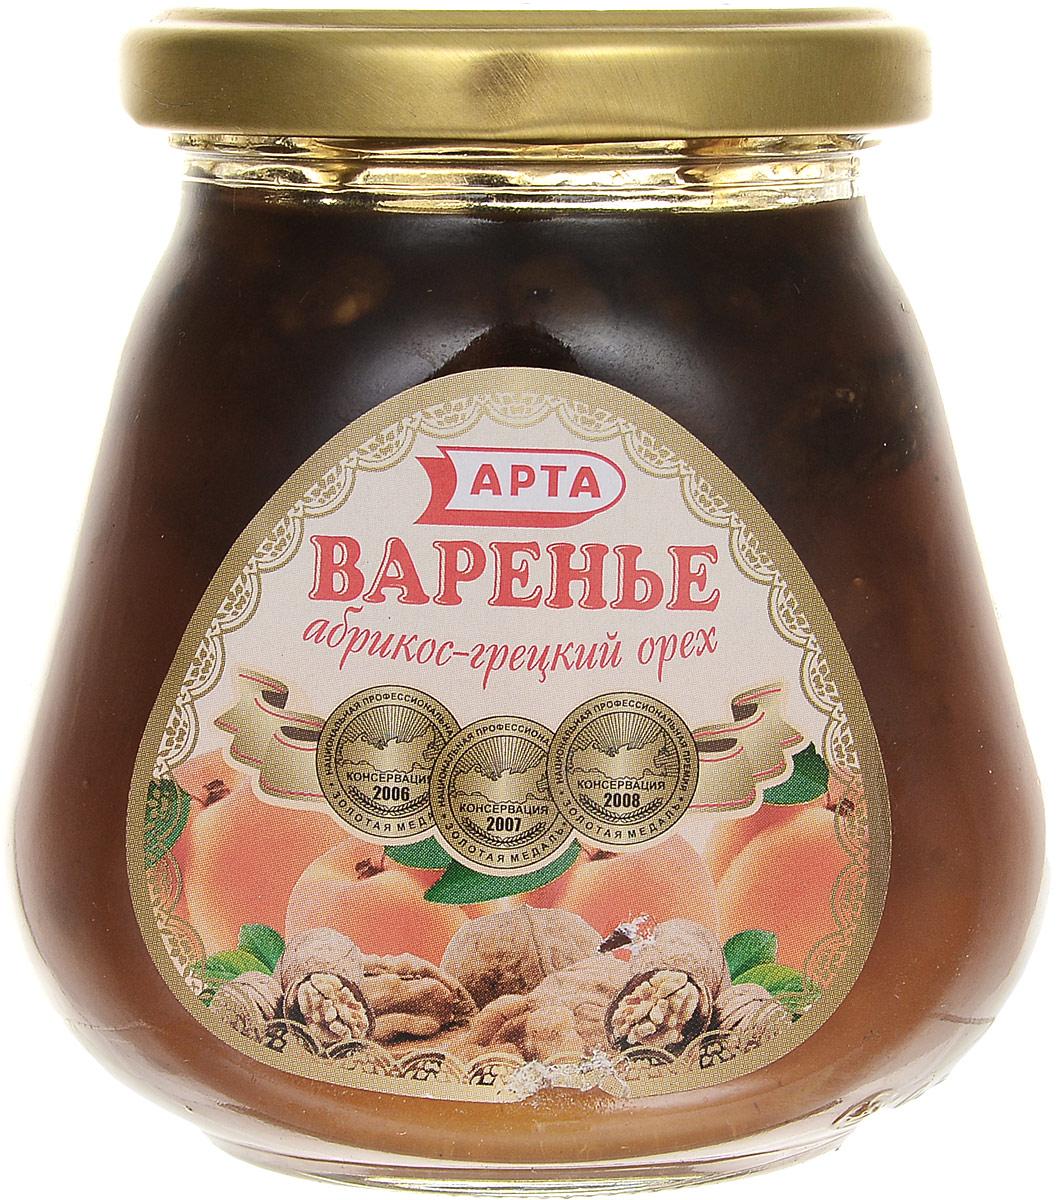 Арта варенье из абрикоса и грецкого ореха, 340 г.0337Арта - натуральное варенье из абрикоса и грецкого ореха, которое станет полезным и вкусным лакомством для всей семьи. Абрикосы показаны при желудочных заболеваниях и нарушении обмена веществ. Они мягко, но надолго возбуждают железистый аппарат желудка и нормализуют кислотность желудочного сока, что приводит в норму деятельность поджелудочной железы, а в силу этого улучшается работа печени и желчного пузыря.Абрикосы применяют при воспалении почек, они выводят из организма различные шлаки. Грецкие орехи являются продуктом питания и высокоактивным лекарственным средством. По калорийности они в 2 раза превышают пшеничный хлеб высшего сорта. Их рекомендуют для профилактики и лечения атеросклероза, при недостатке витаминов, солей кобальта и железа в организме. В орехах много клетчатки и масла, которые способны усиливать деятельность кишечника.